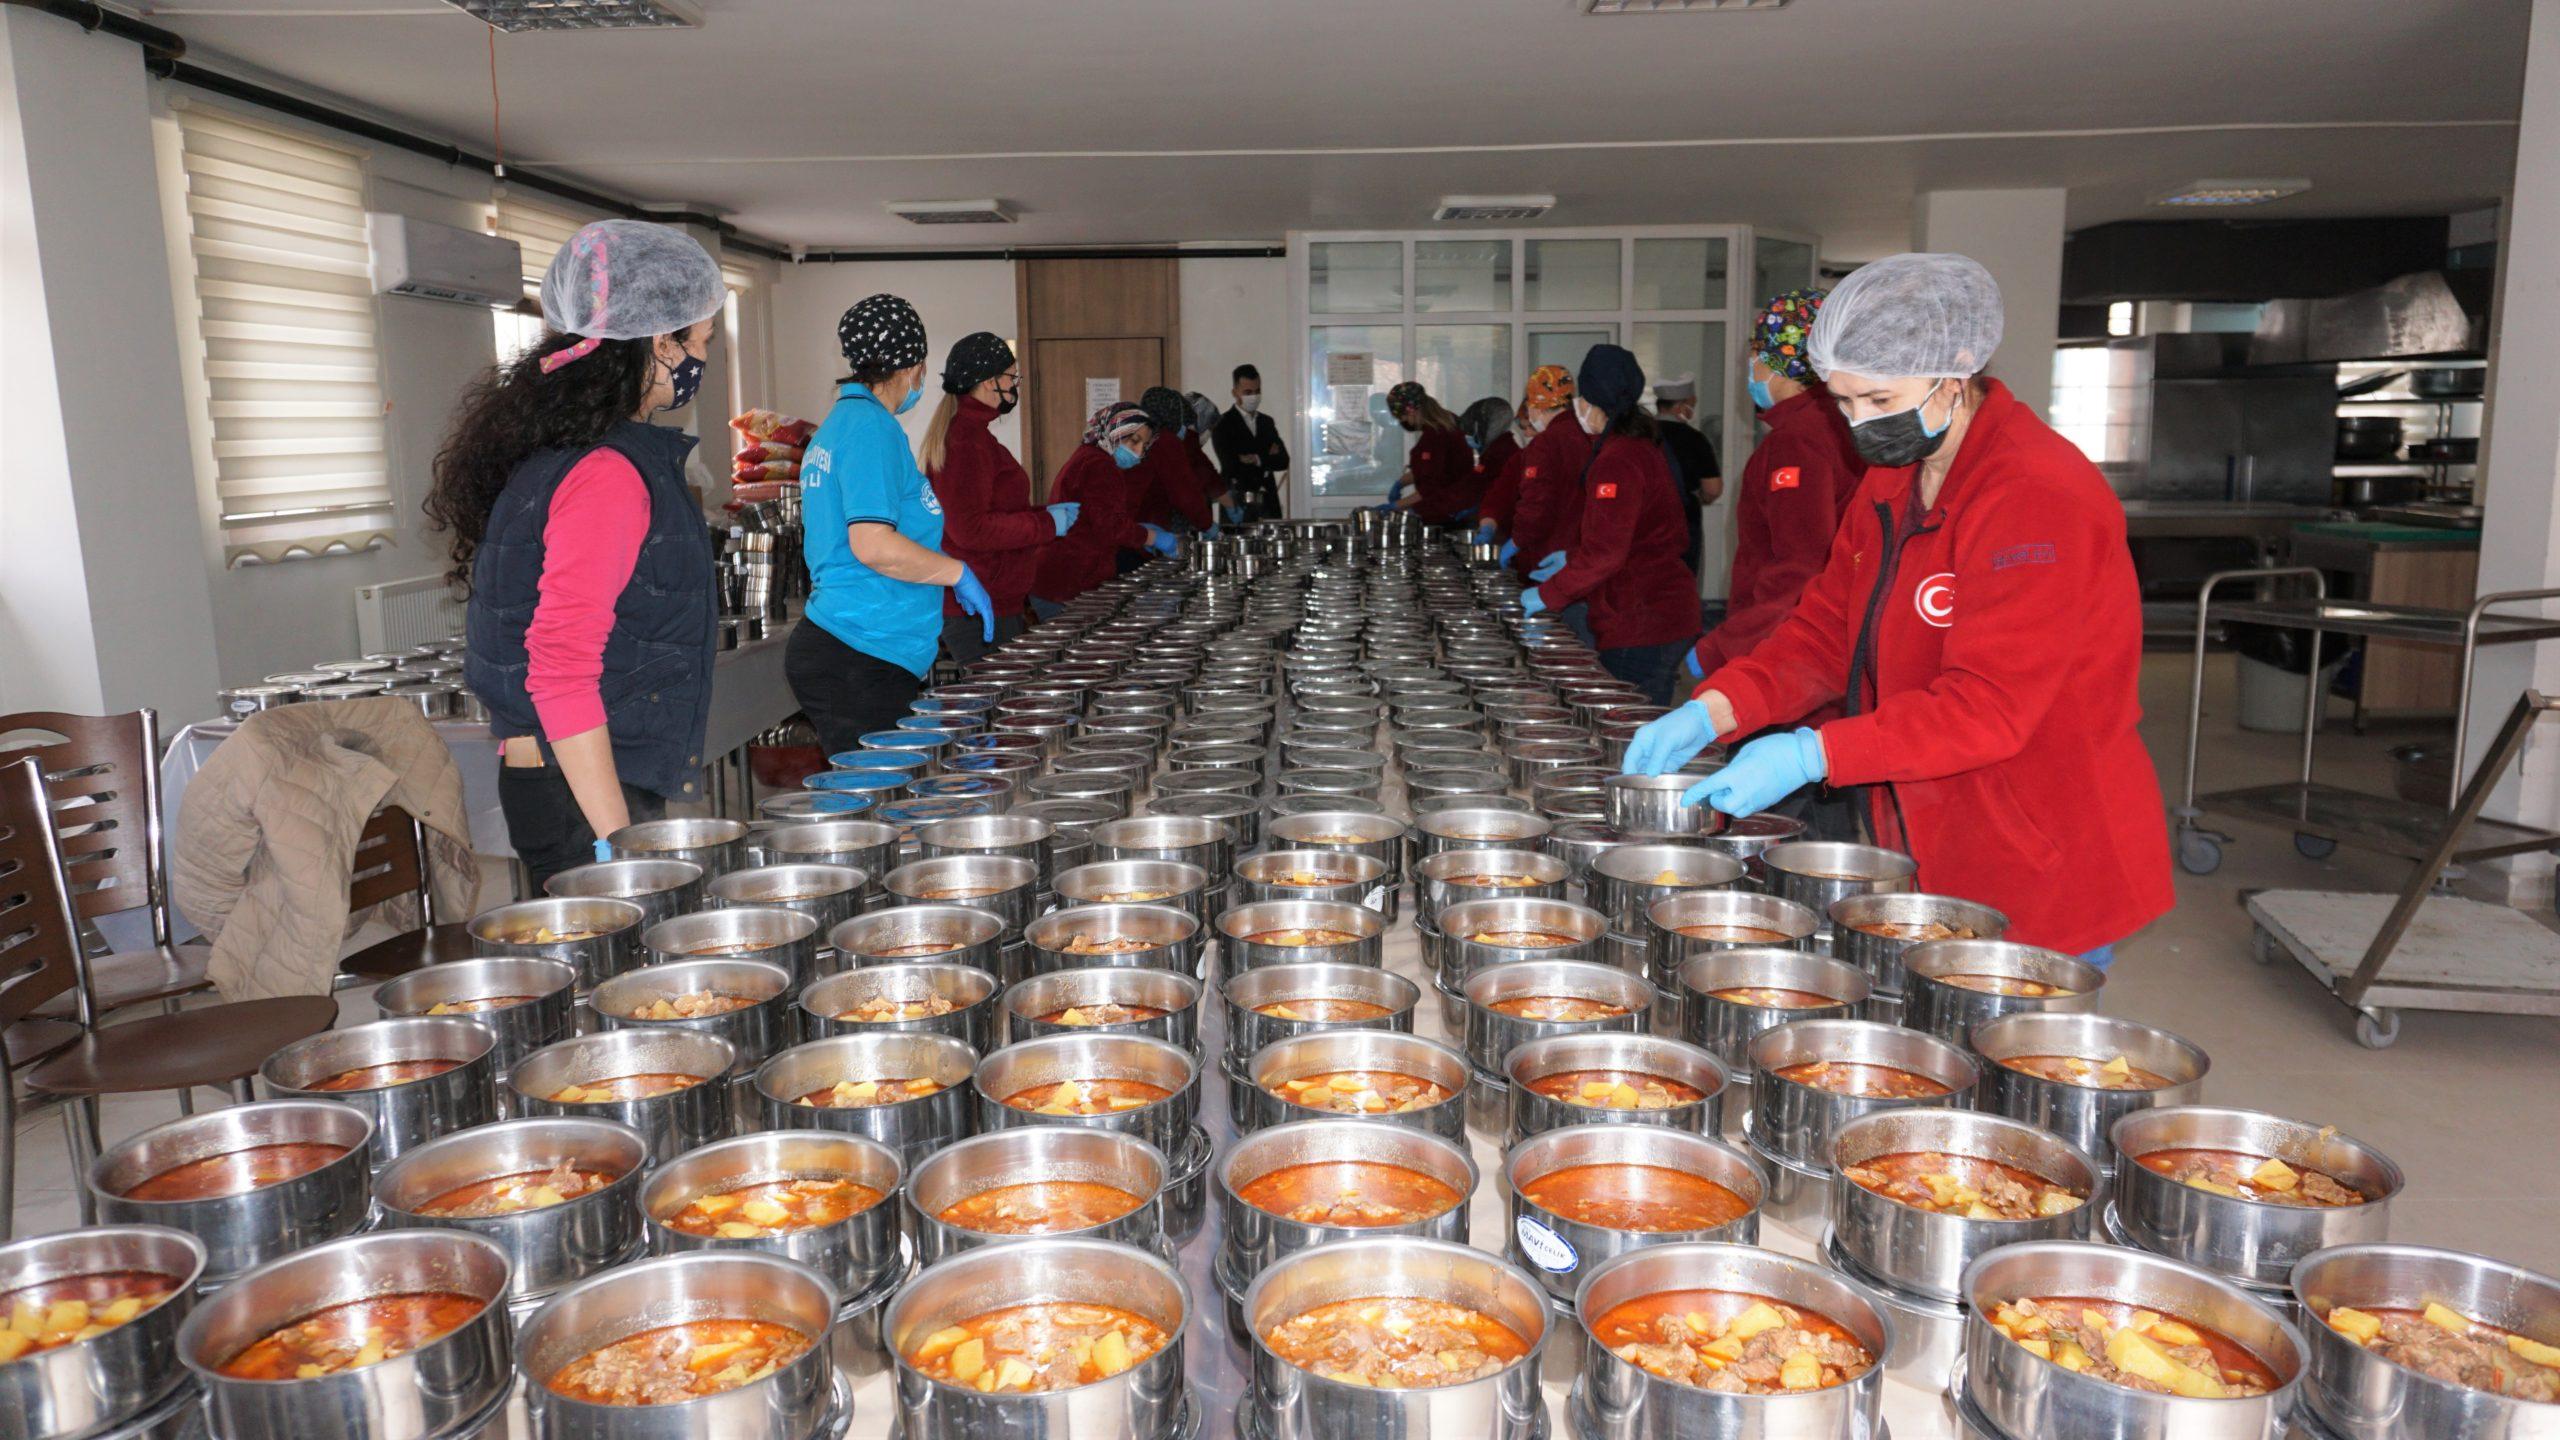 Beypazarı'nda Ramazan Ayı Boyunca Sıcak Yemek Dağıtımı Yapılacak